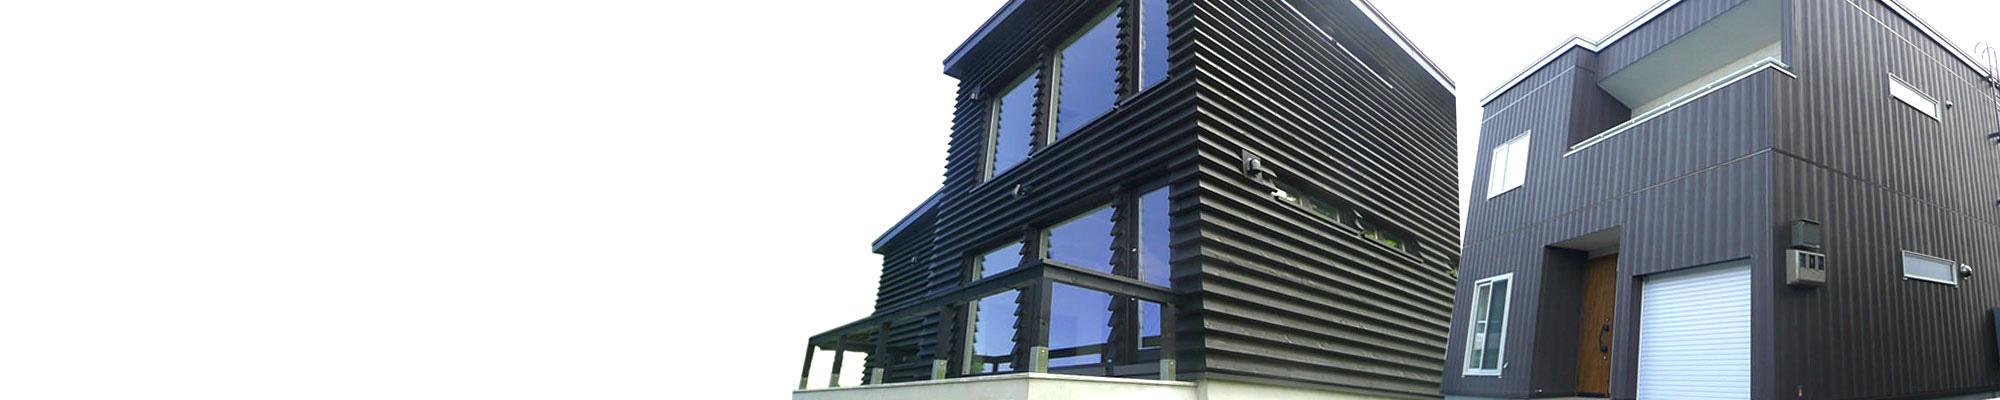 低価格高品質の「暖の家」